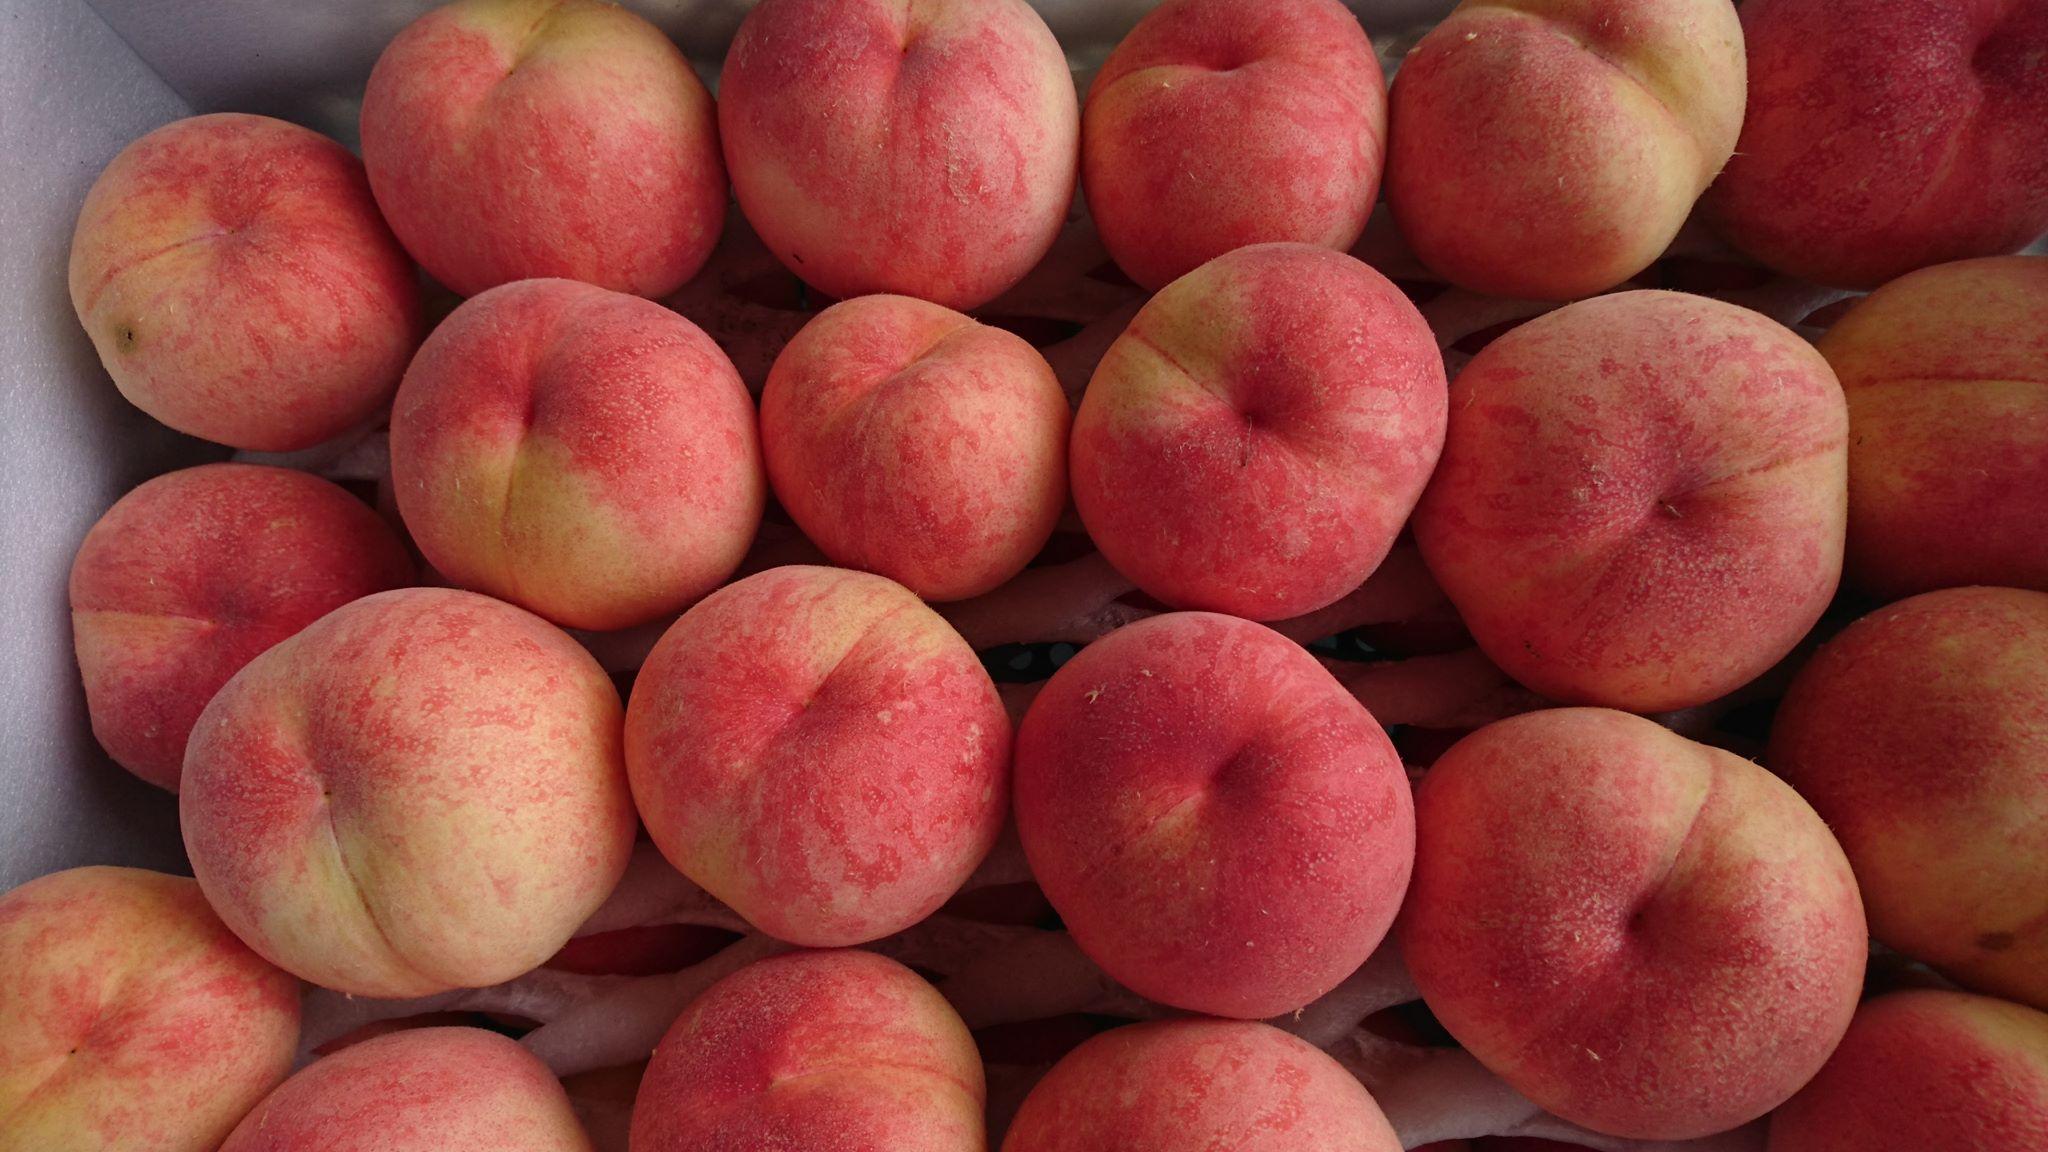 世羅幸水農園 桃の販売 加納岩白桃・みさか白鳳 3